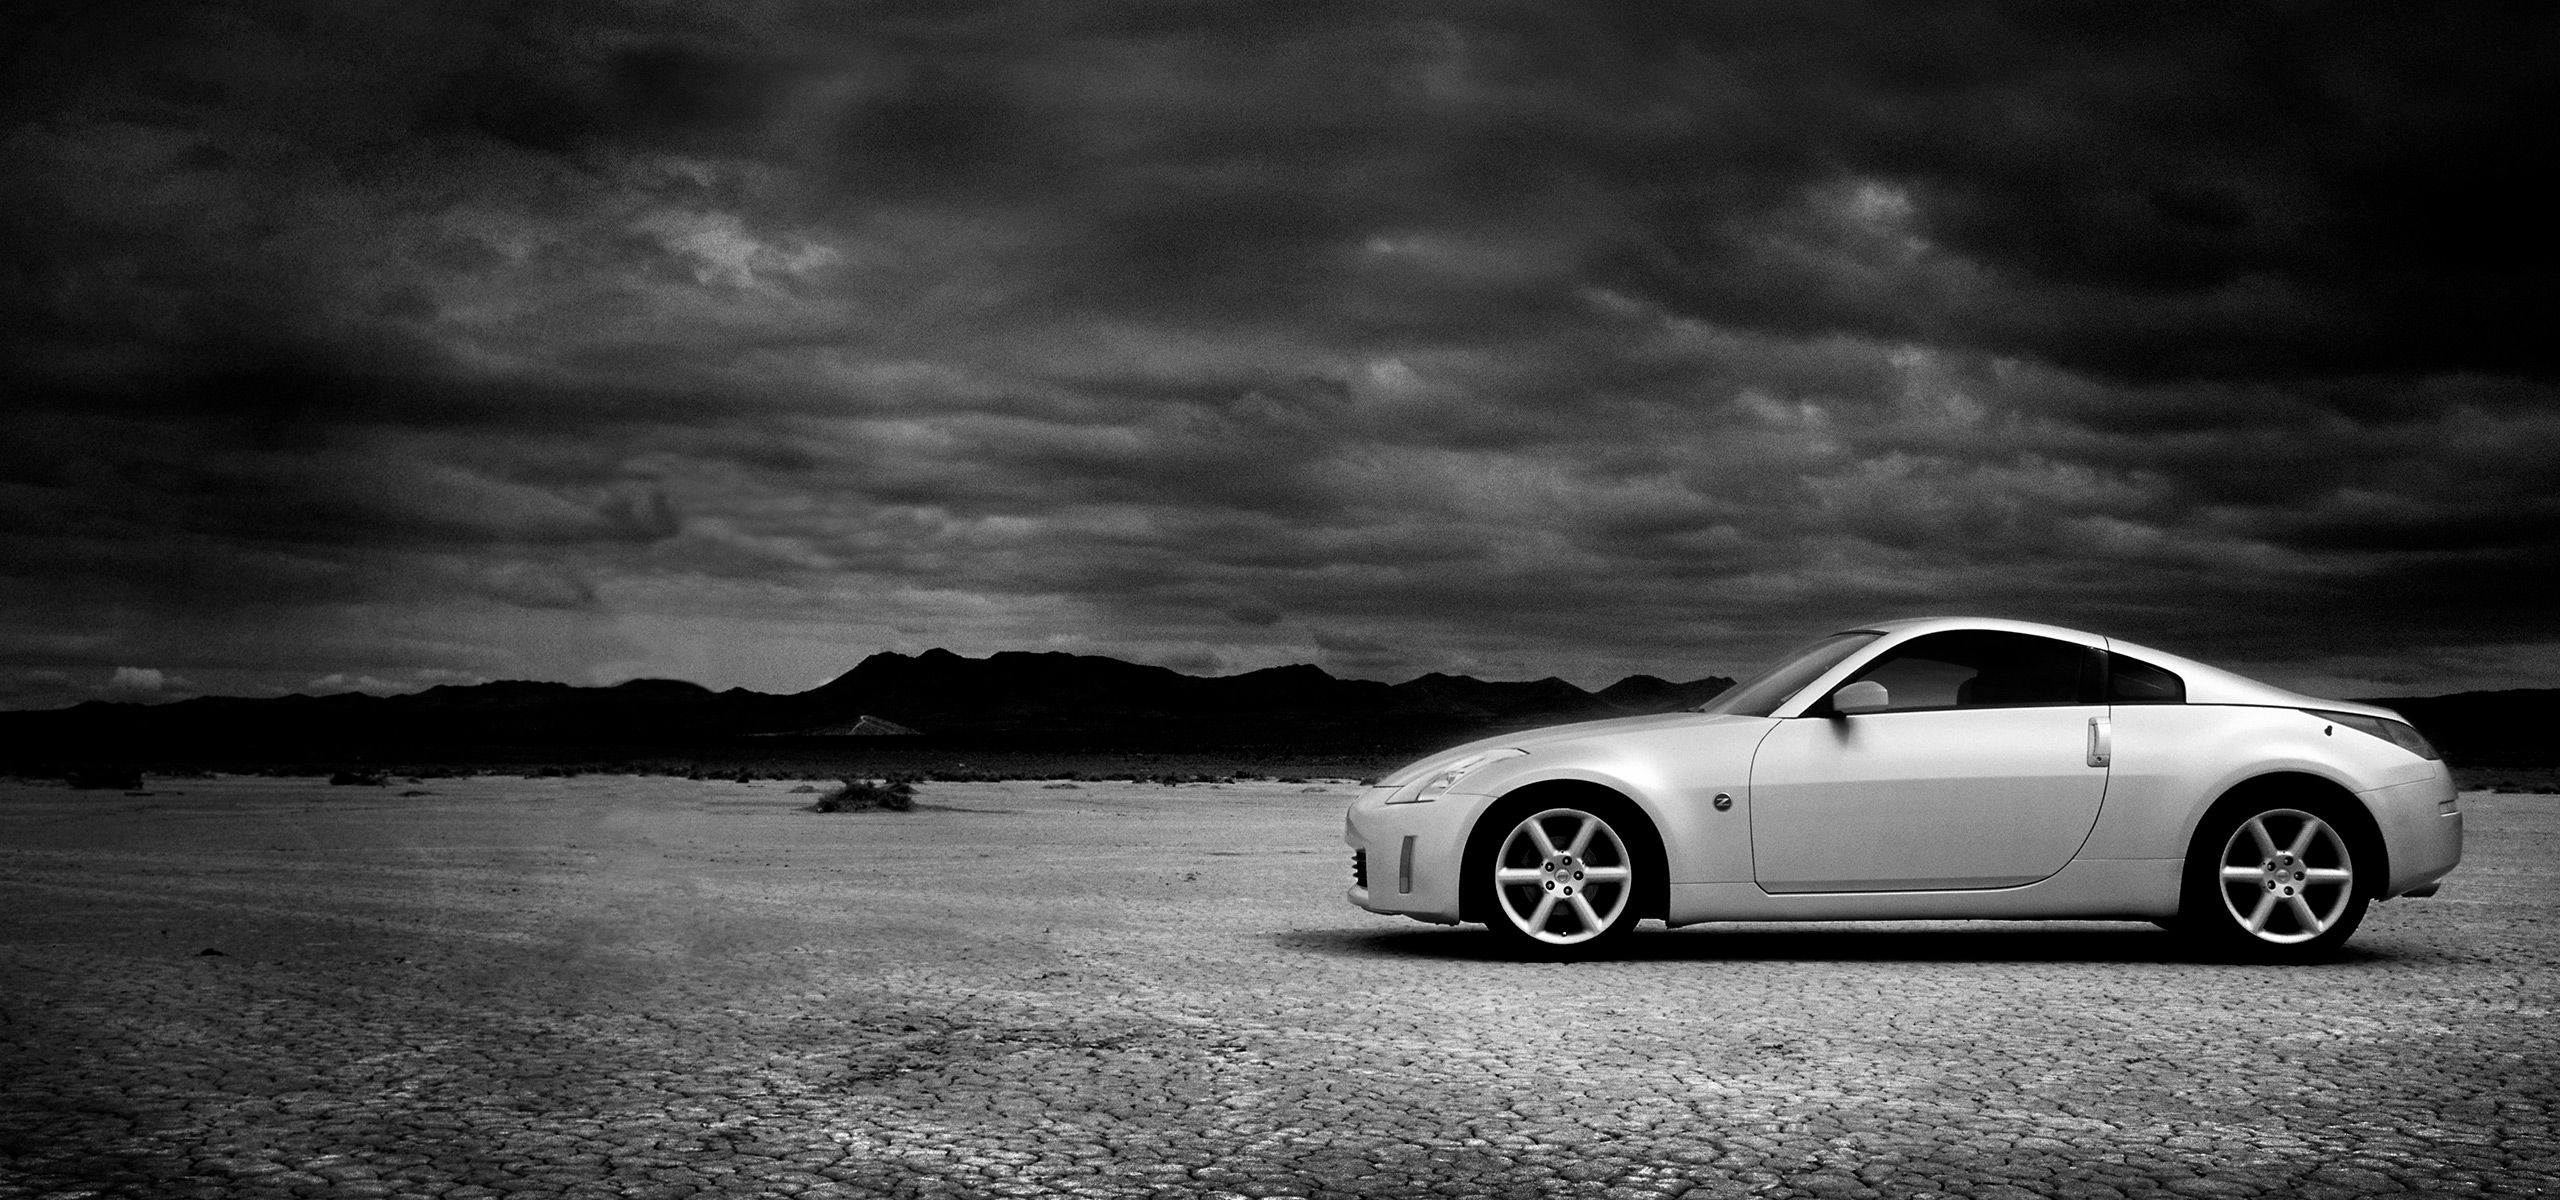 desert_profile.jpg